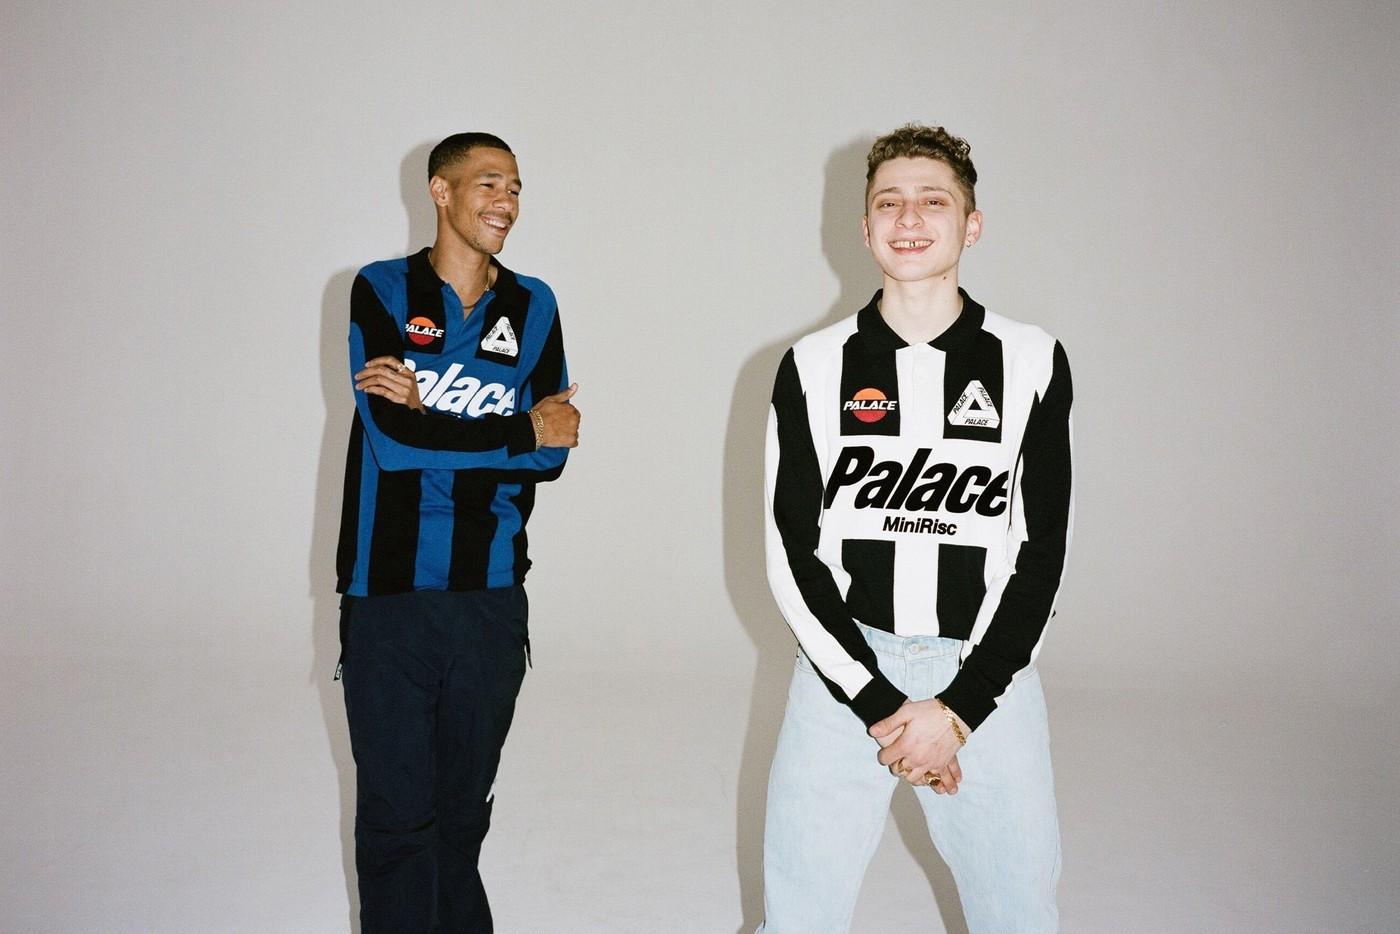 As camisas da Palace inspiradas nos uniformes de Inter de Milão e Juventus dos anos 80 (Foto: Divulgação)